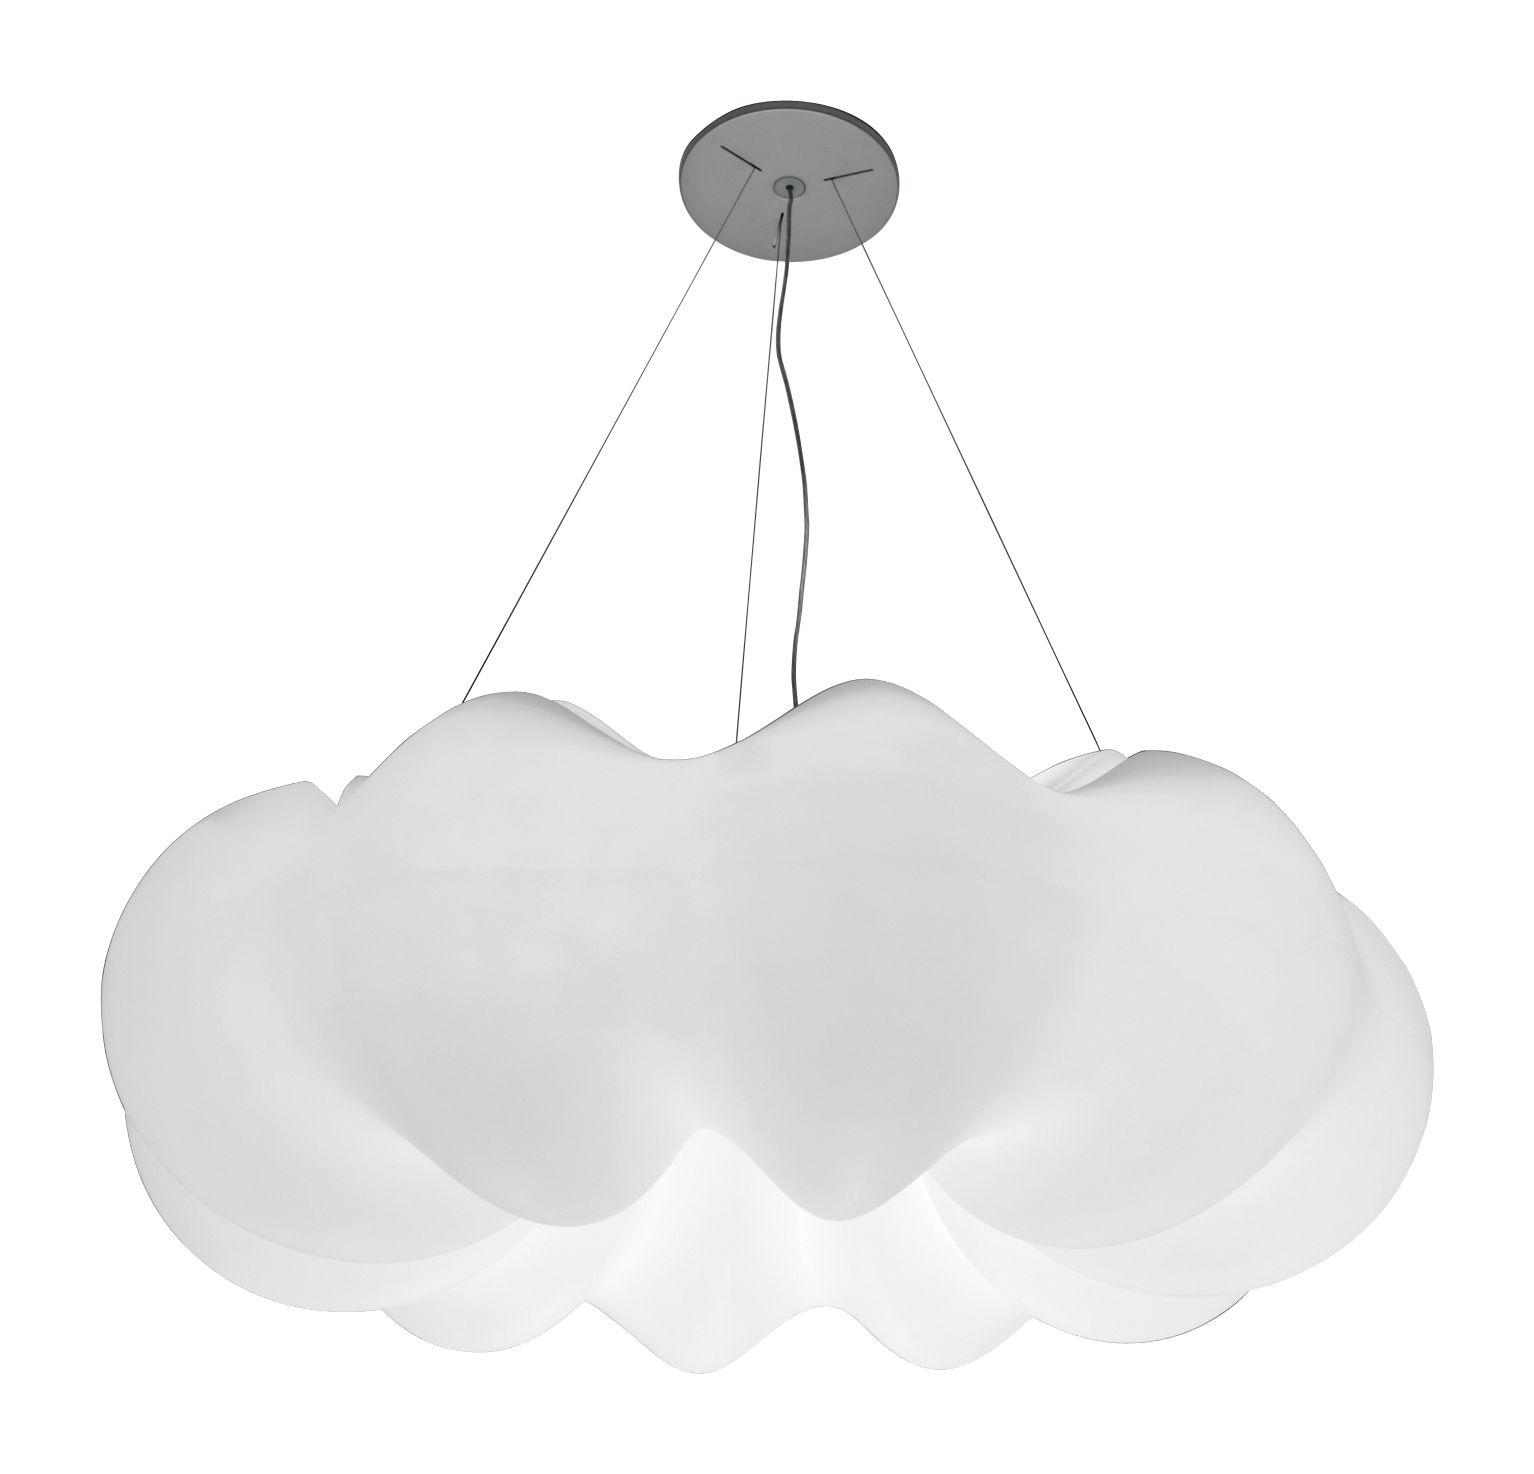 Illuminazione - Lampadari - Sospensione Nuboli - Ø 153 cm di Artemide - Blanc - Polietilene rotostampato